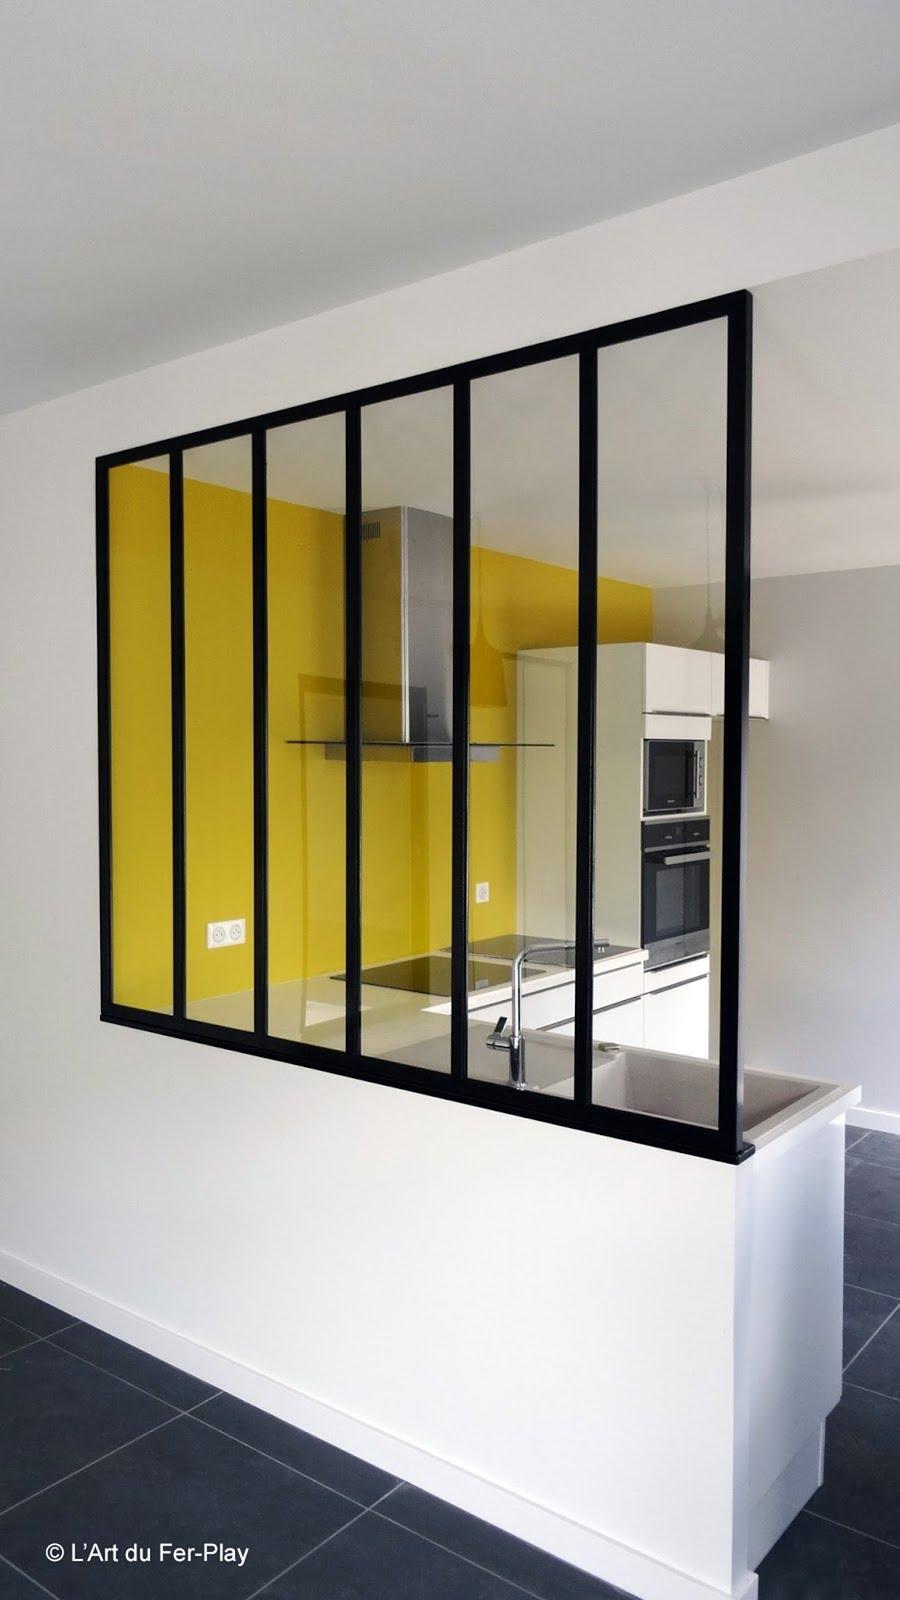 ferronnerie m tallerie serrurerie 79 deux s vres l 39 art du fer play verri re d 39 int rieur type. Black Bedroom Furniture Sets. Home Design Ideas